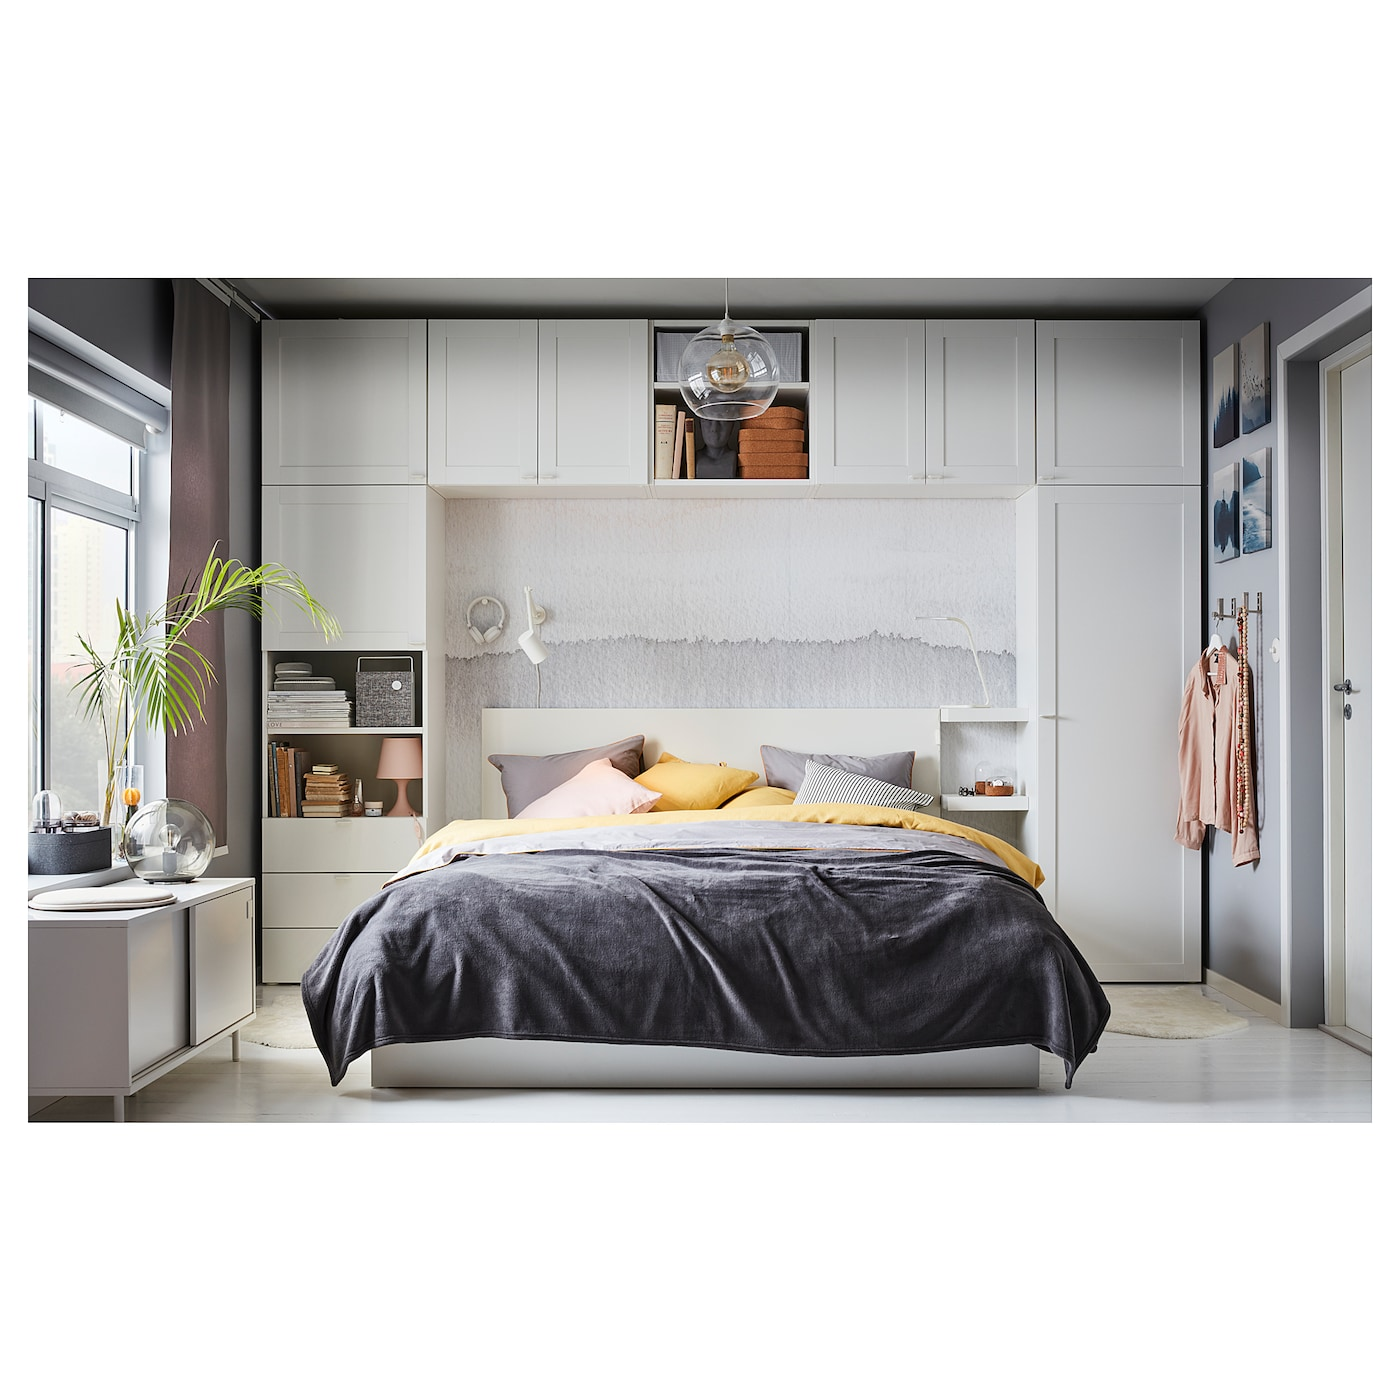 Platsa Kleiderschrank Weiss Fonnes Sannidal Auf Die Einkaufsliste Ikea Osterreich